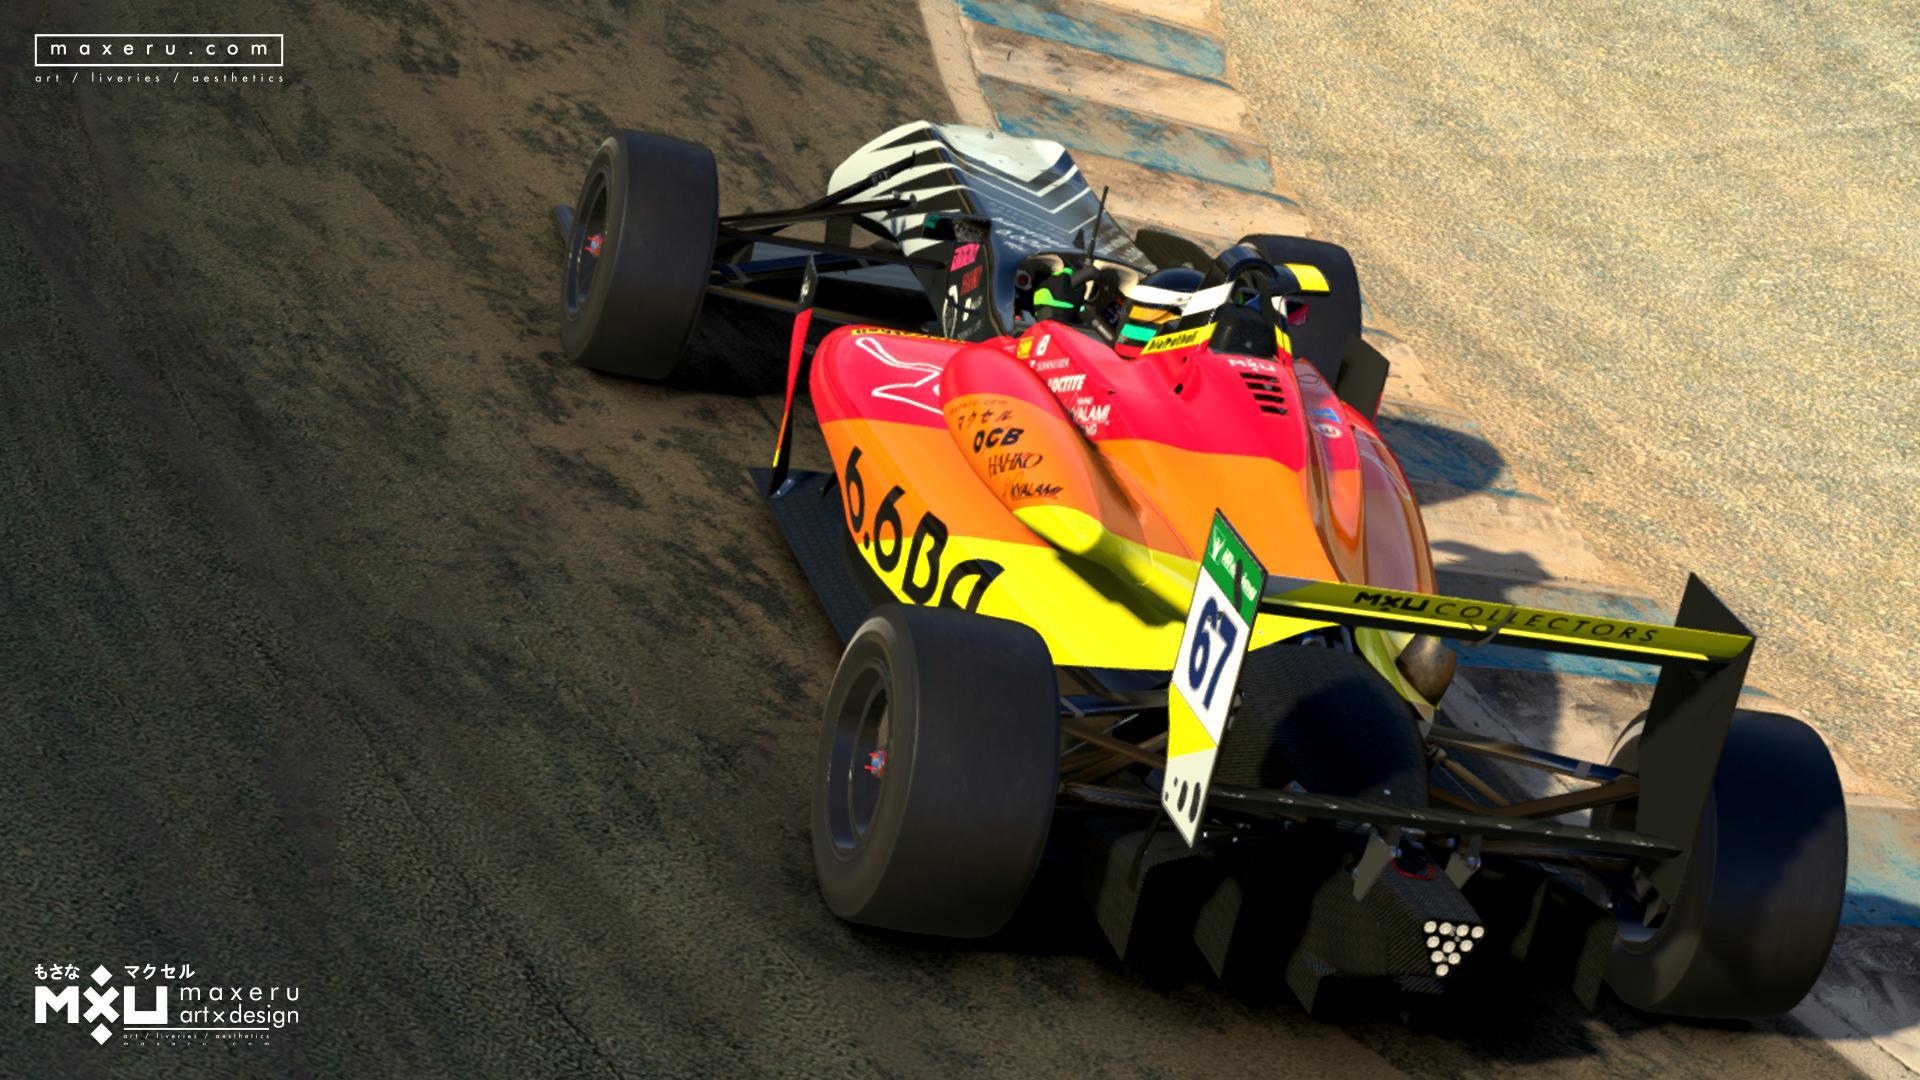 Preview of MXU Silver - Dallara F3 (Spec map update) by Bryce L.